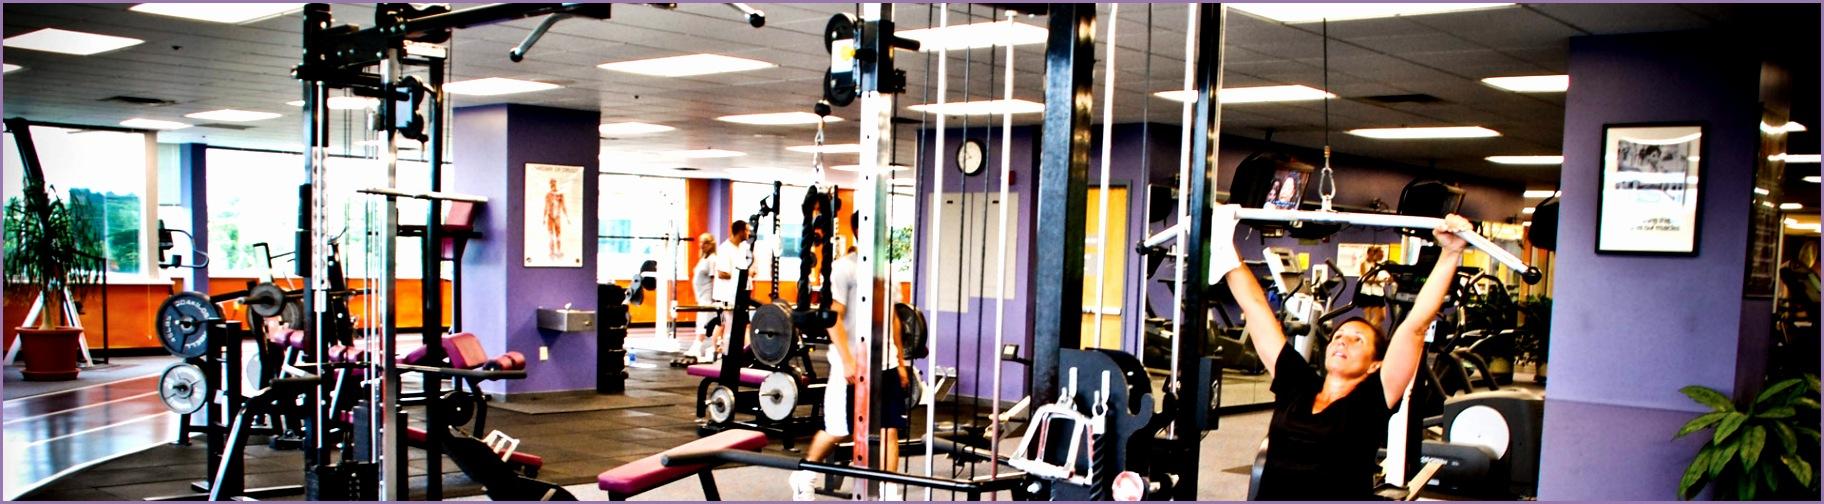 fitness center 02